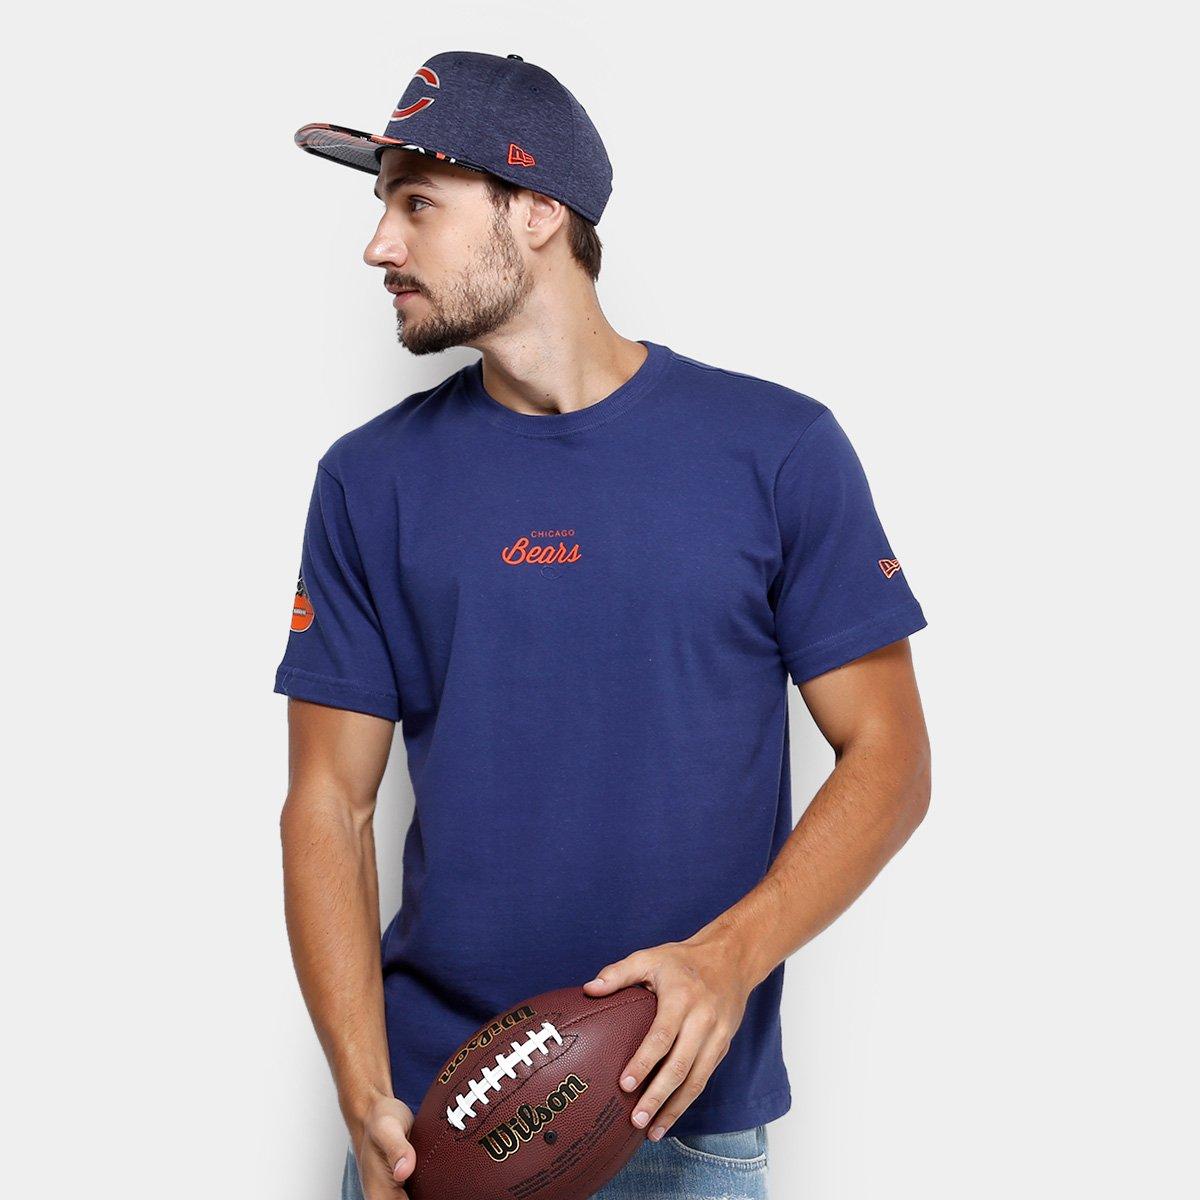 Camiseta NFL Chicago Bears New Era Lic Masculina - Marinho - Compre Agora  b4f21f1e2da30